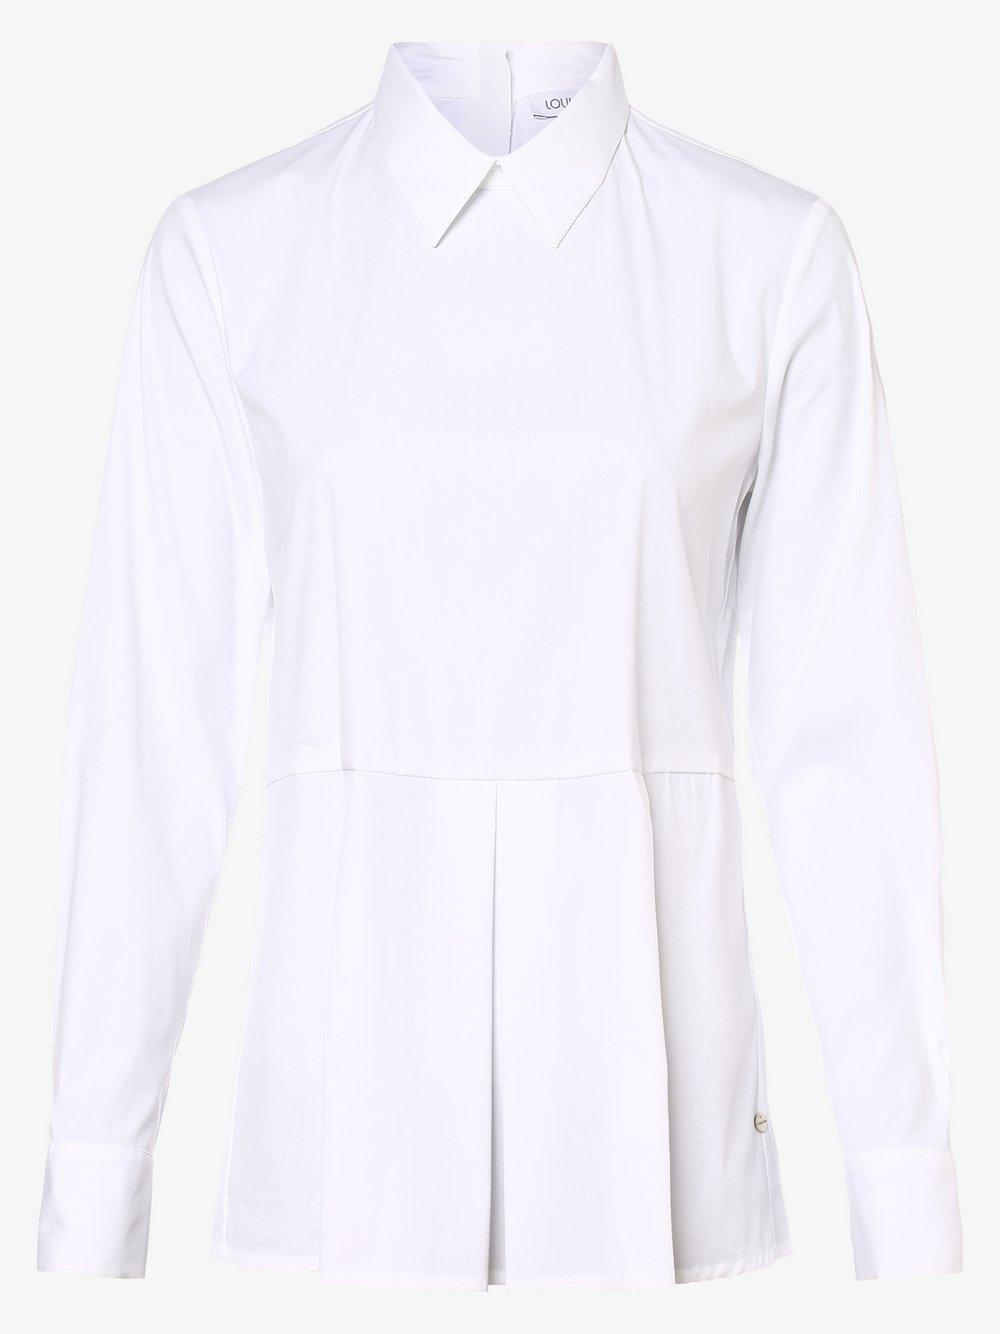 Louis & Mia – Bluzka damska, biały Van Graaf 486761-0001-00400